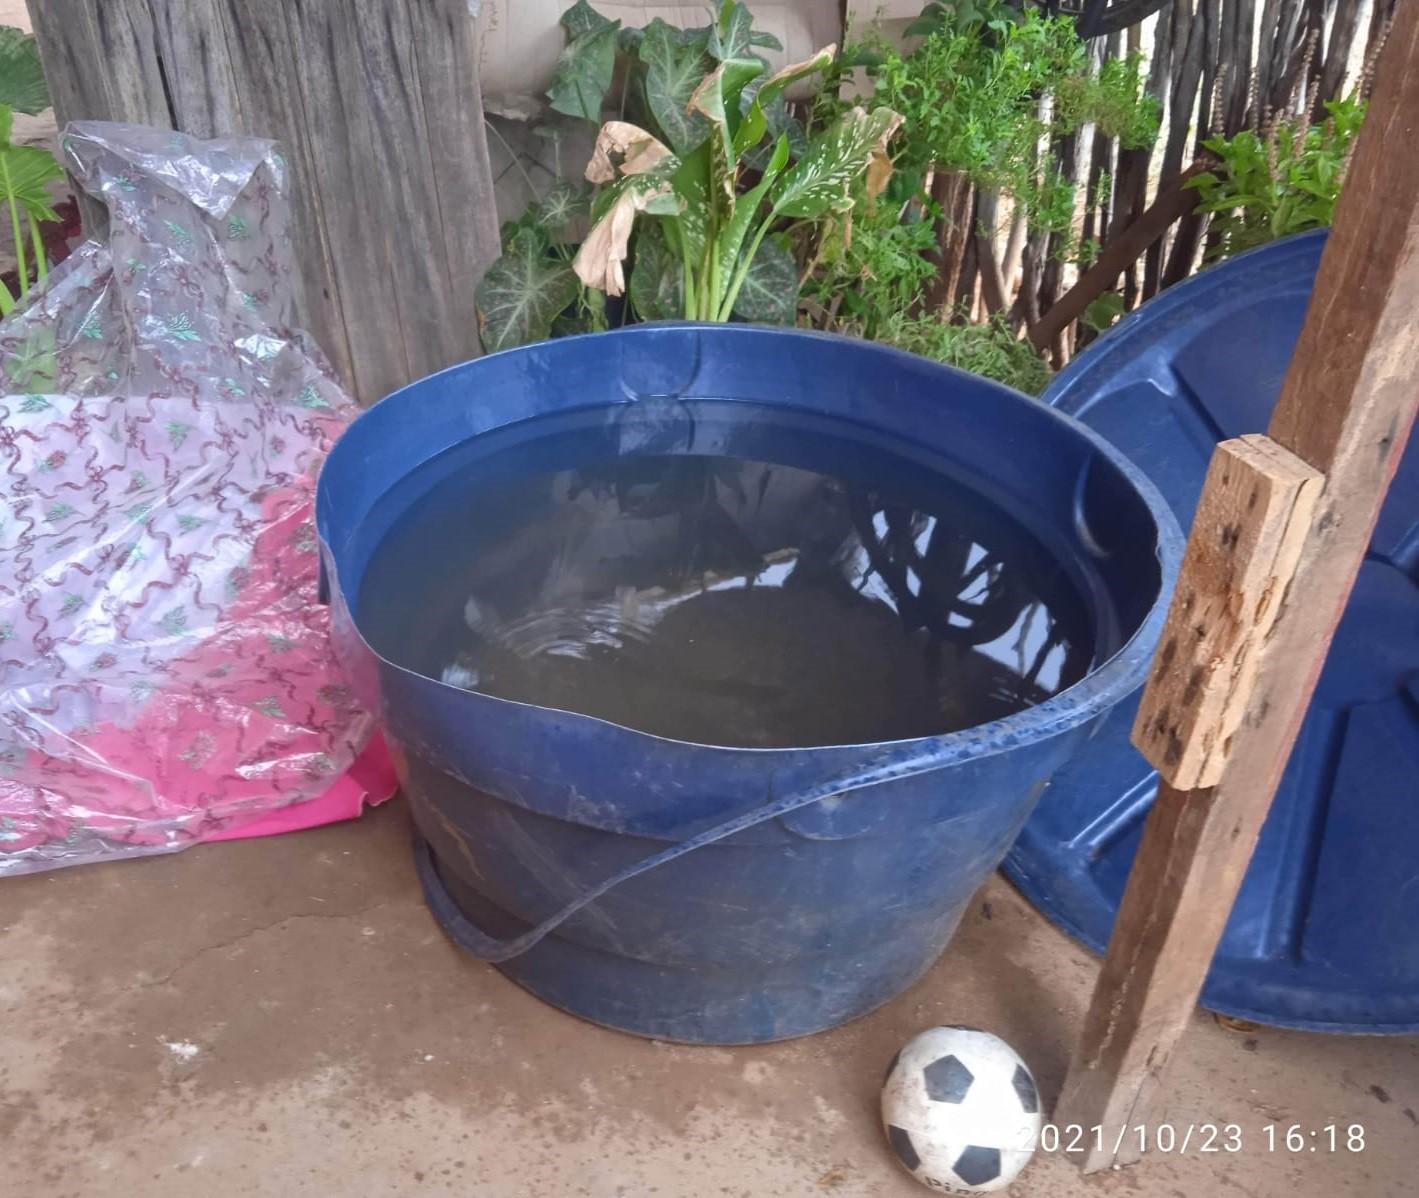 Menina de 13 anos é encontrada morta dentro de caixa d'água em Paulistana, no Piauí